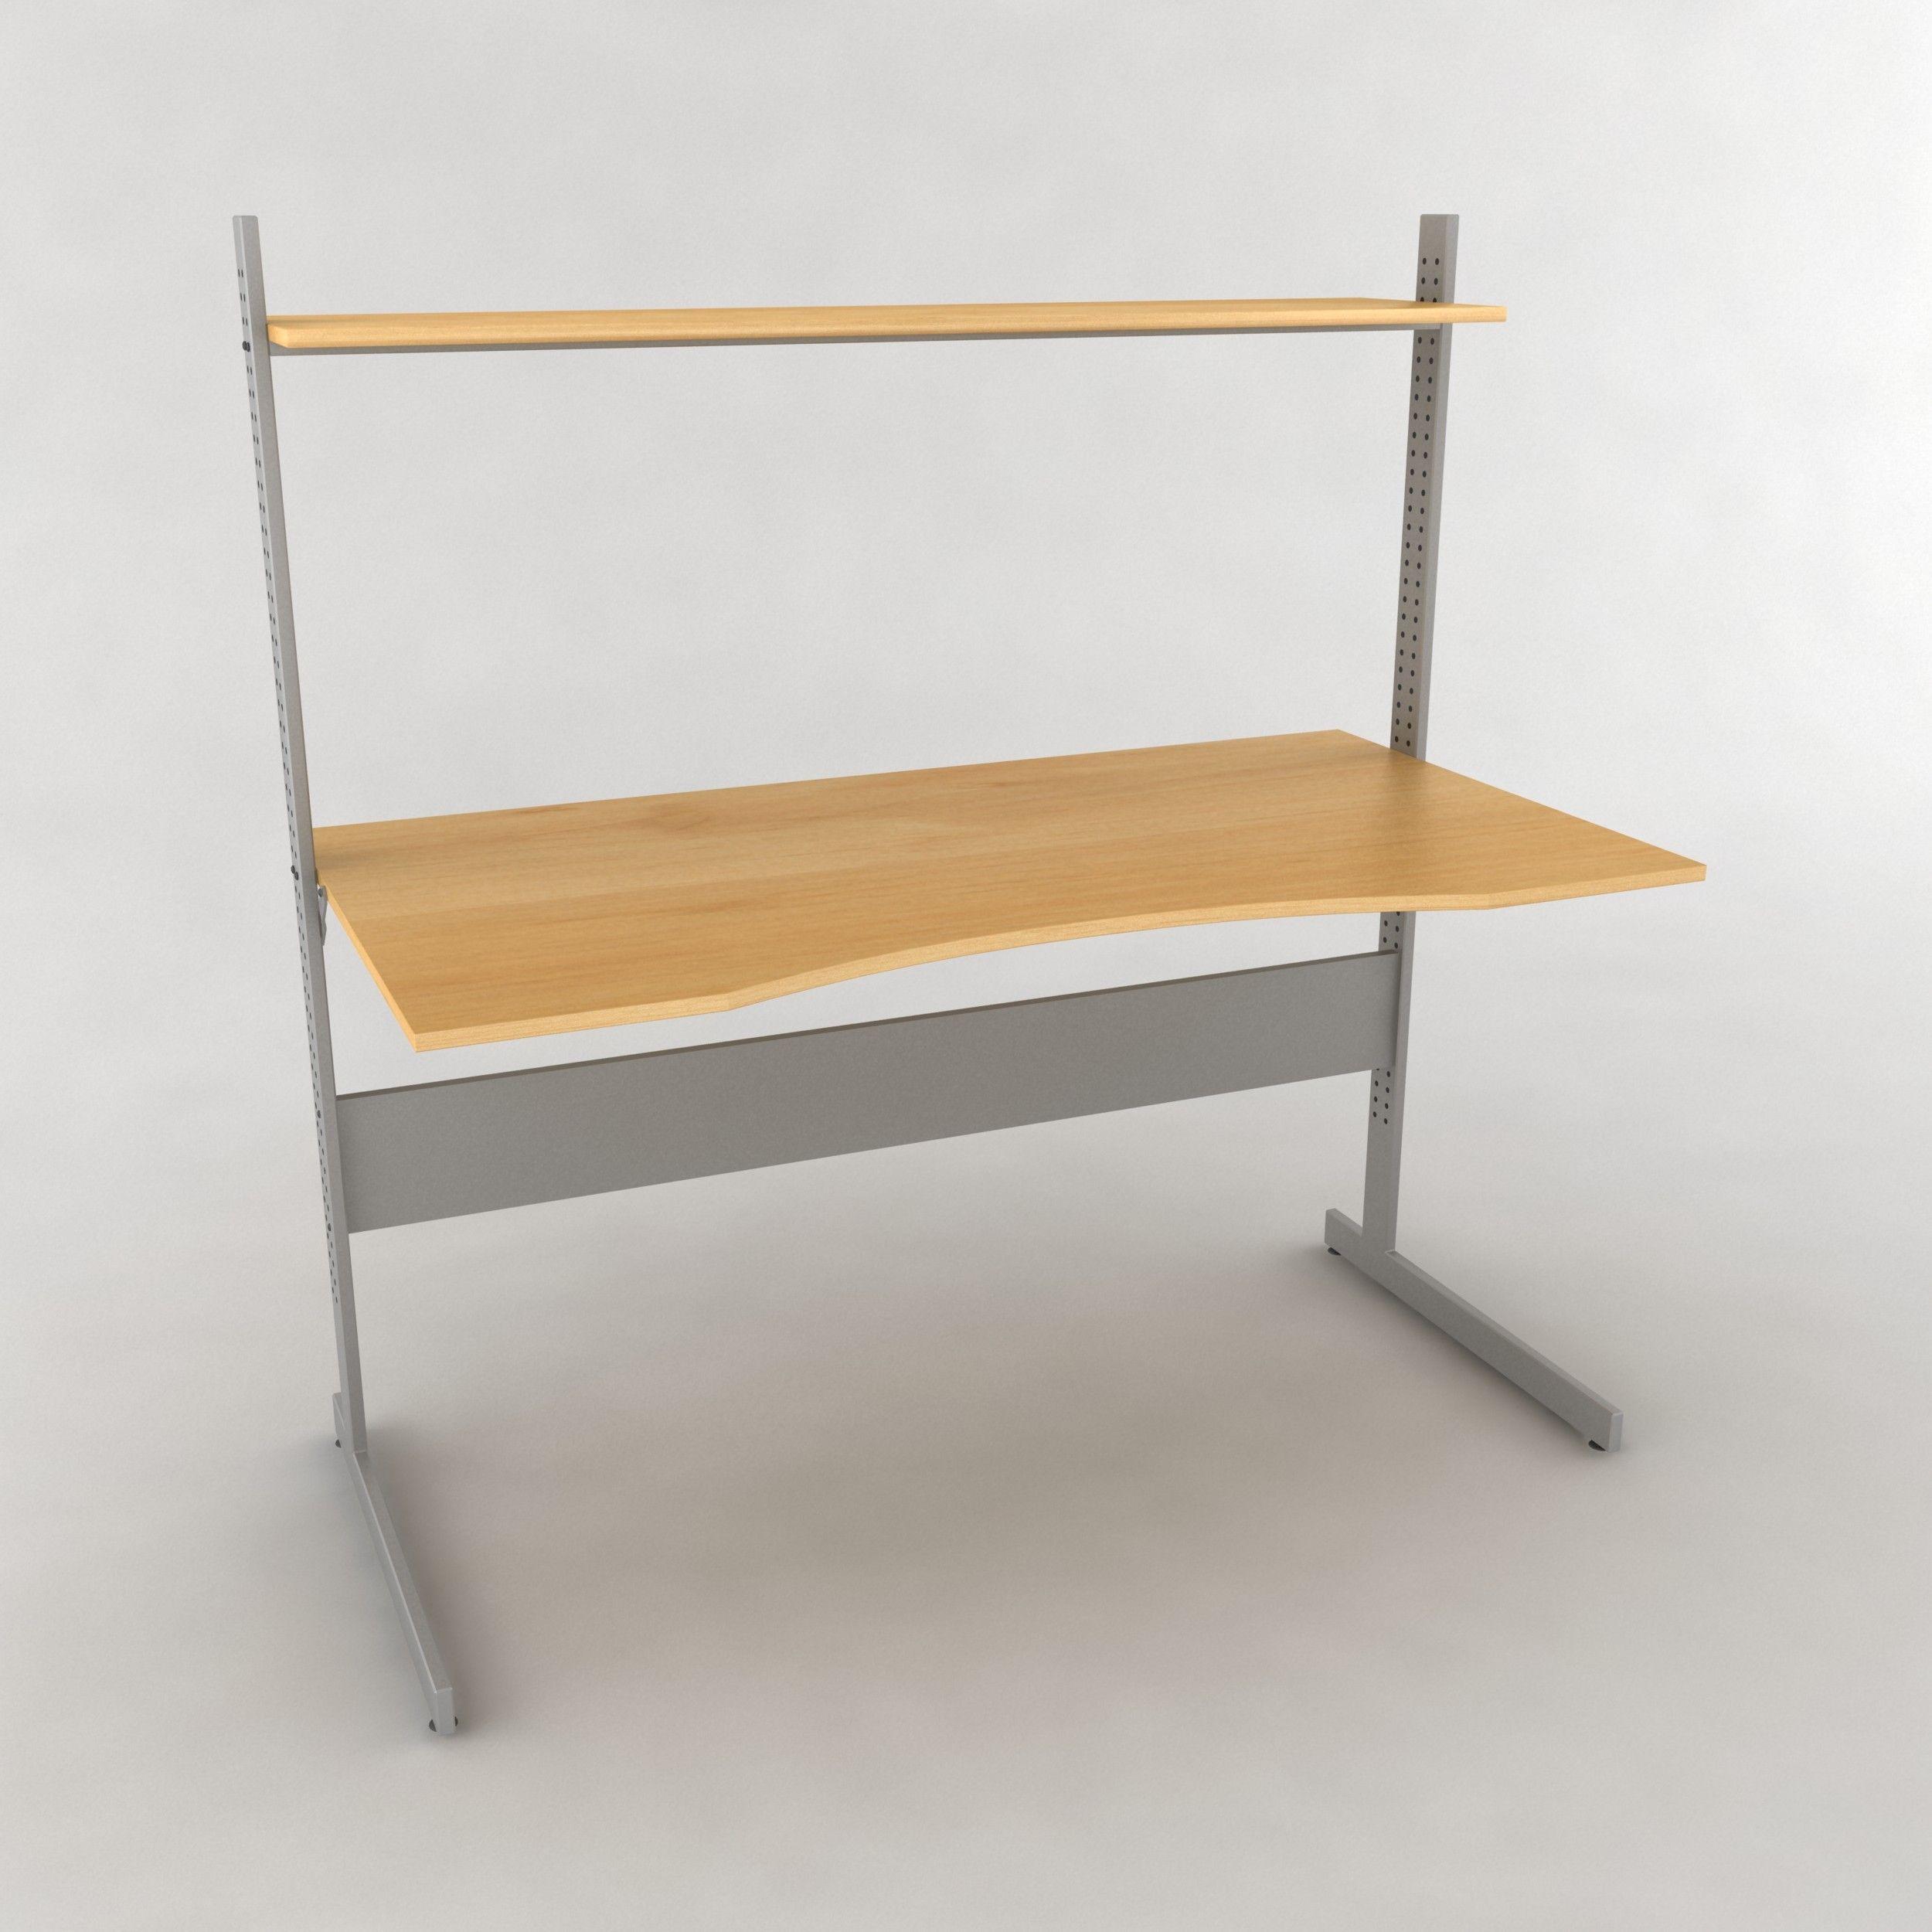 3d Ikea Jerker Desk 3d Model Ikea Jerker Ikea Ikea Desk